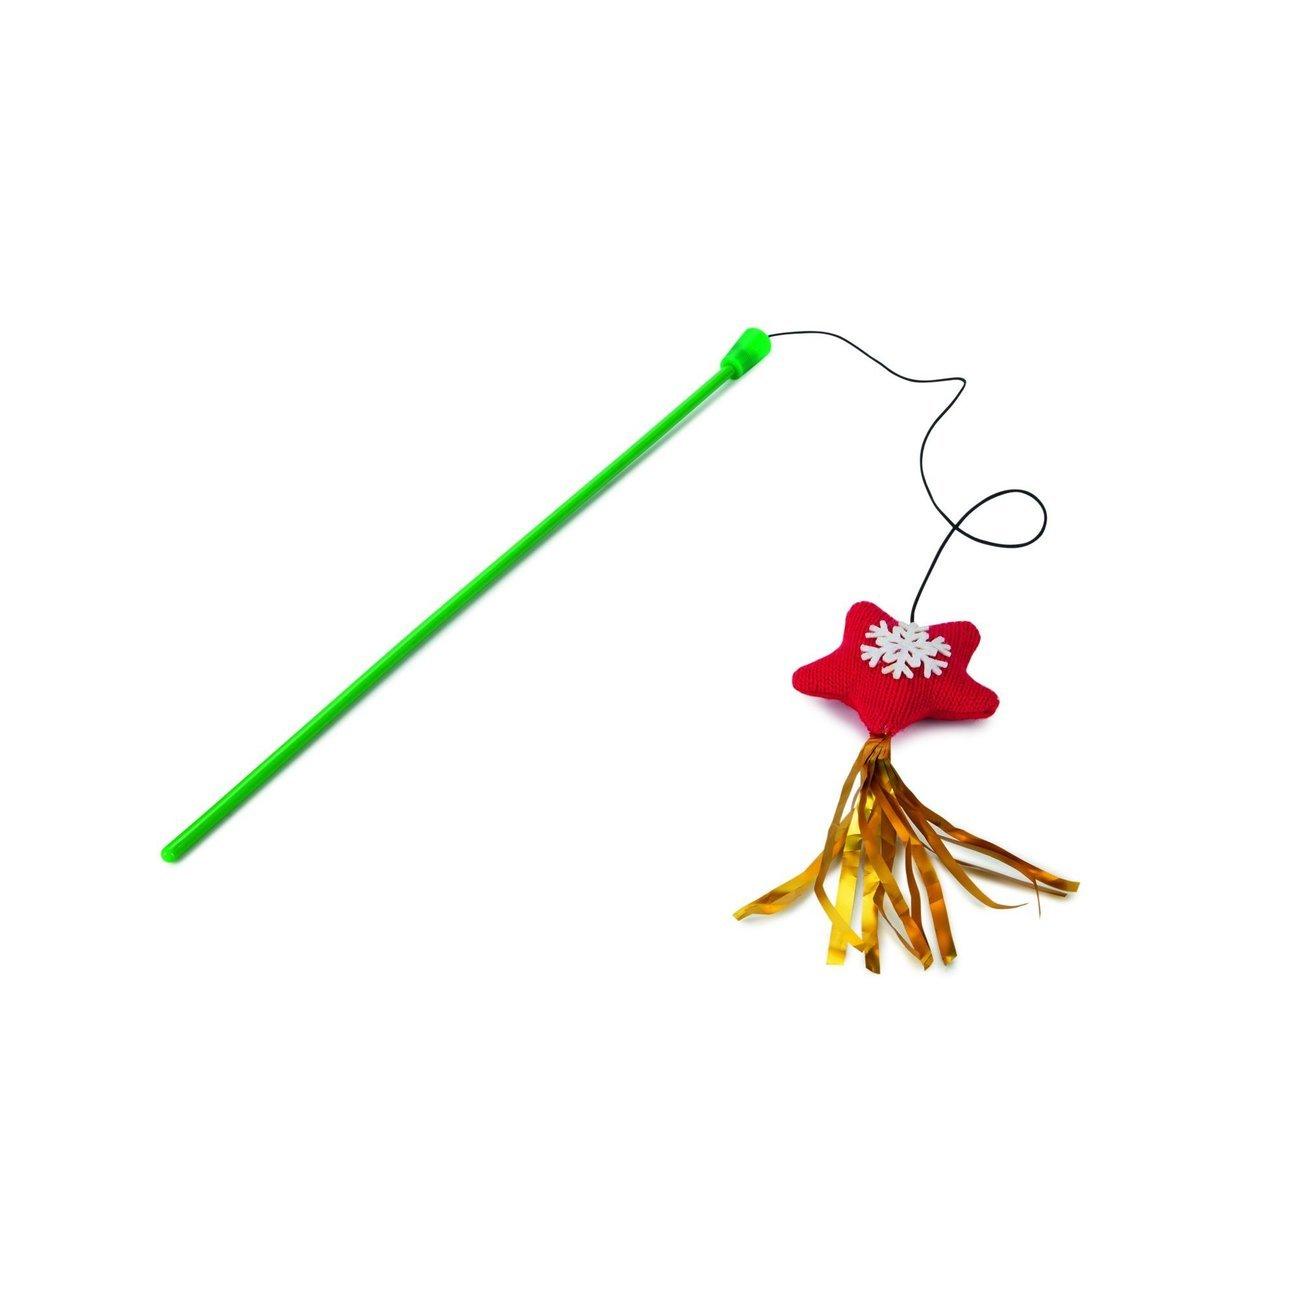 Karlie Weihnachtsspielzeug Katzenangel, L43cm, grün, Stern